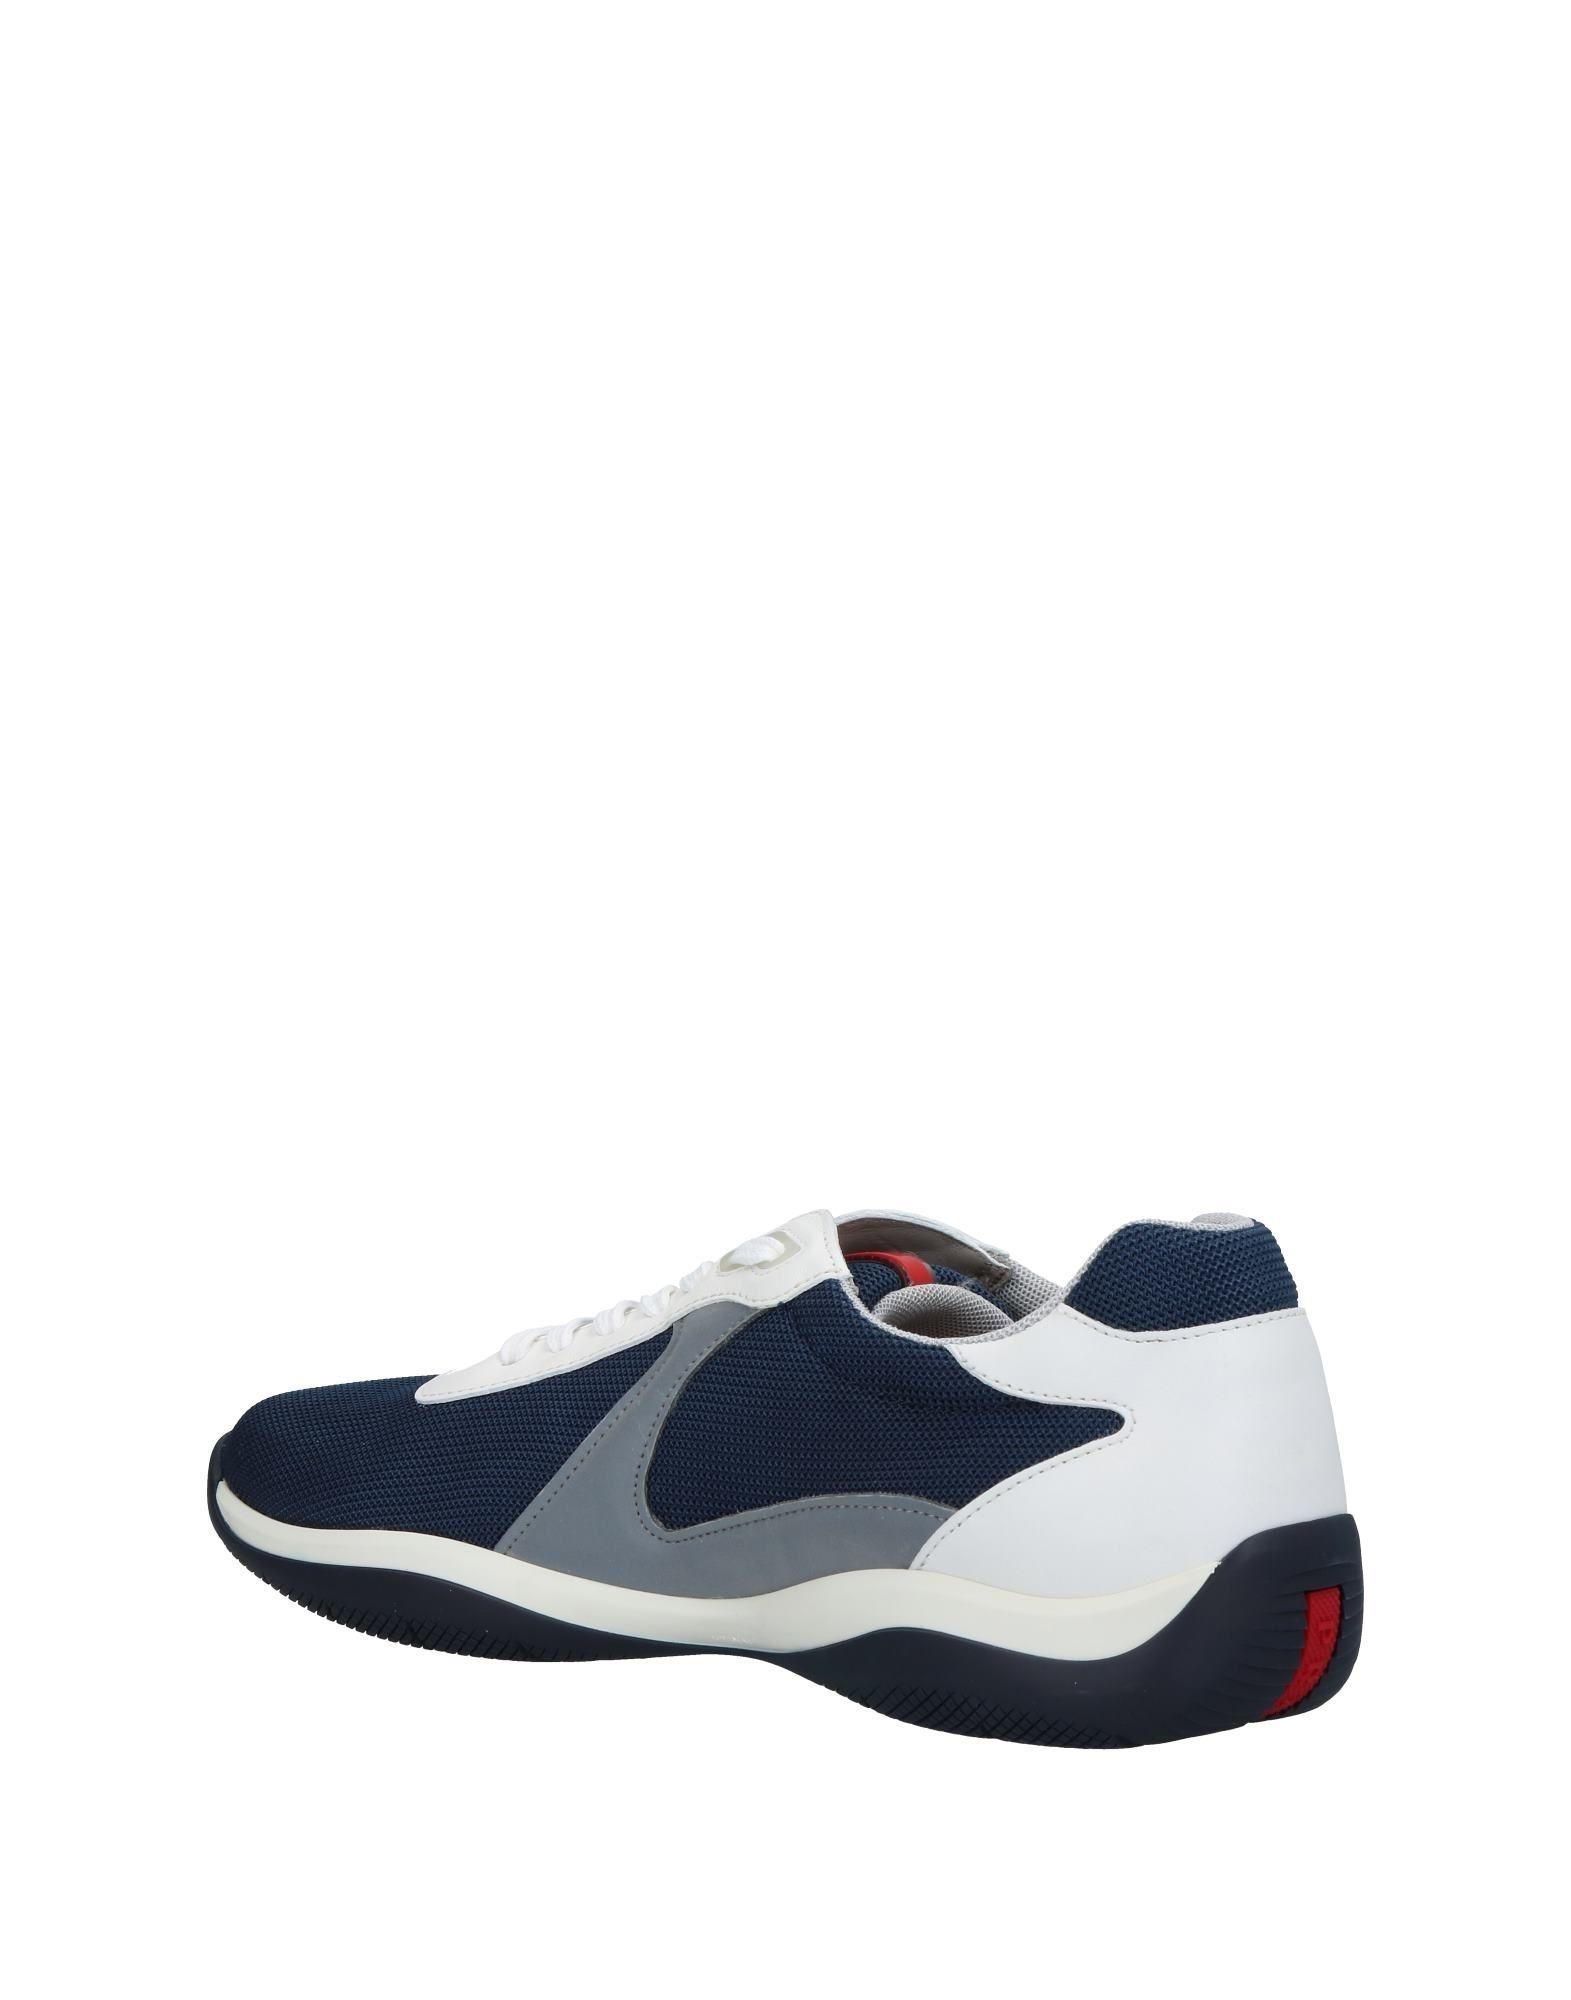 Prada Sport Herren Sneakers Herren Sport  11364951KG 6353f5